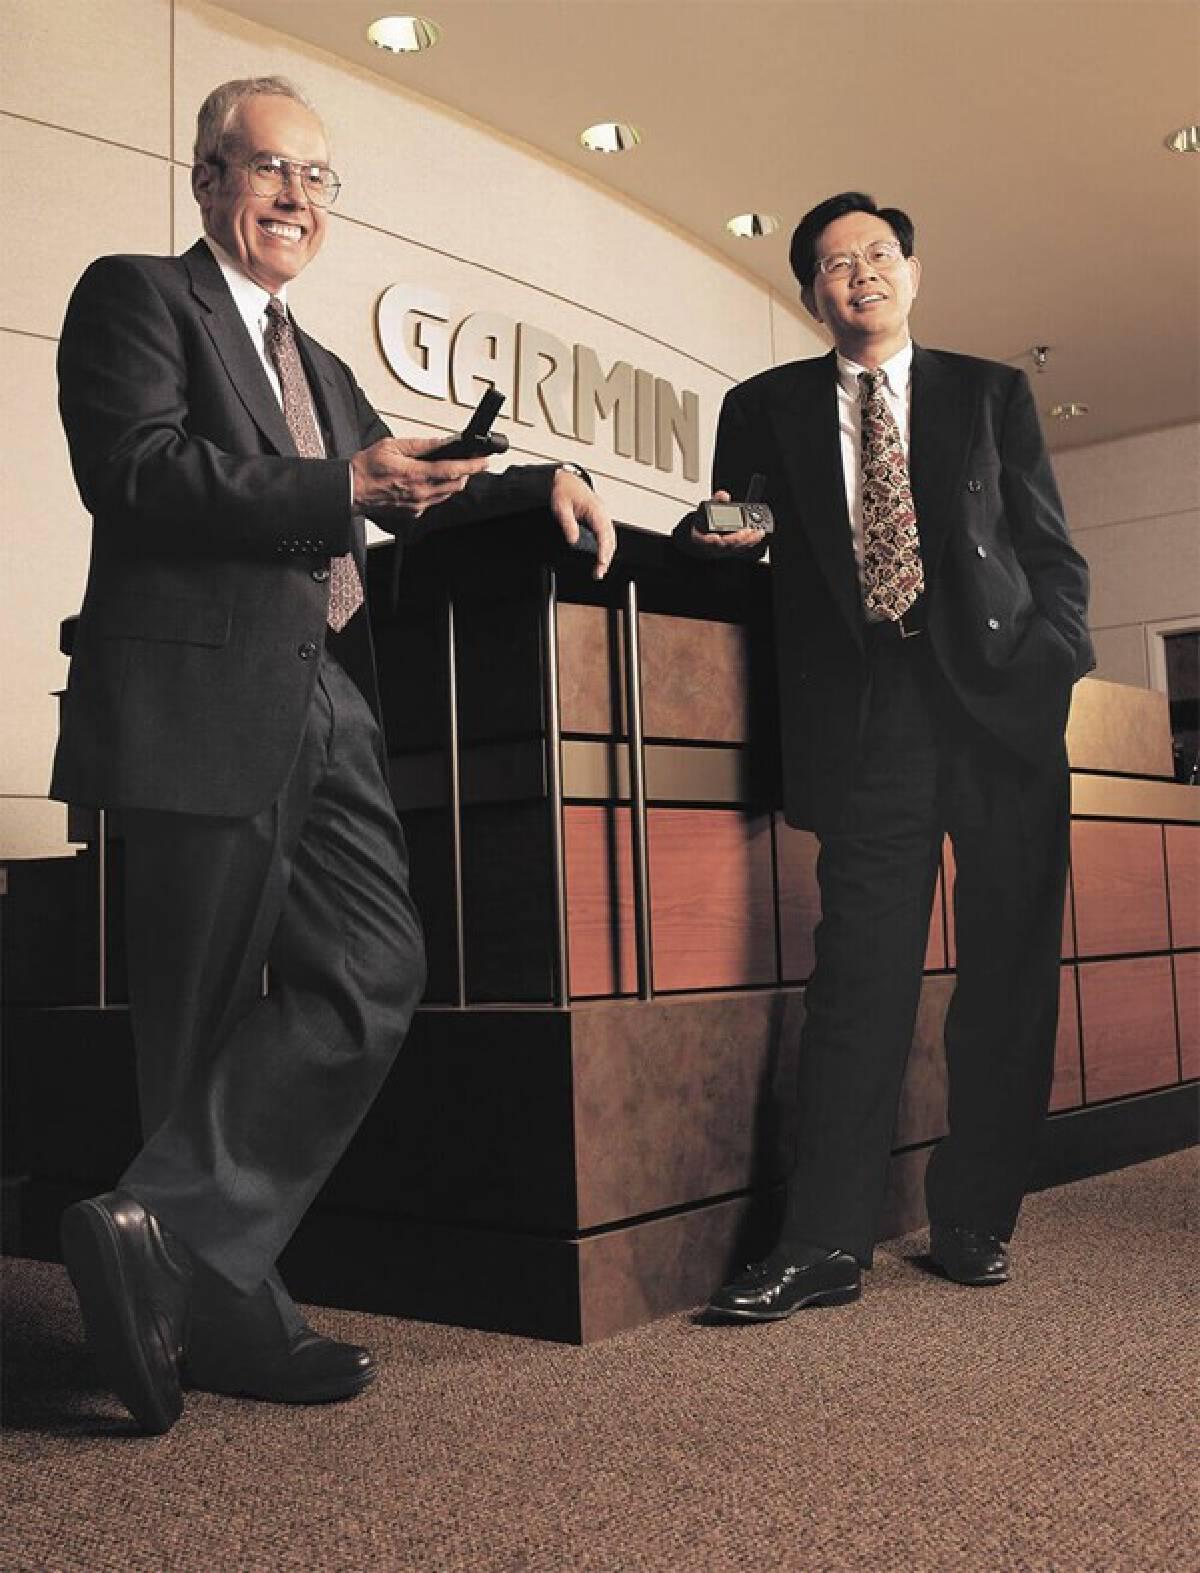 (แกรี เบอร์เรลล์ และ ดร. มิน เกา สองผู้ก่อตั้ง – ภาพจาก garmin.com)